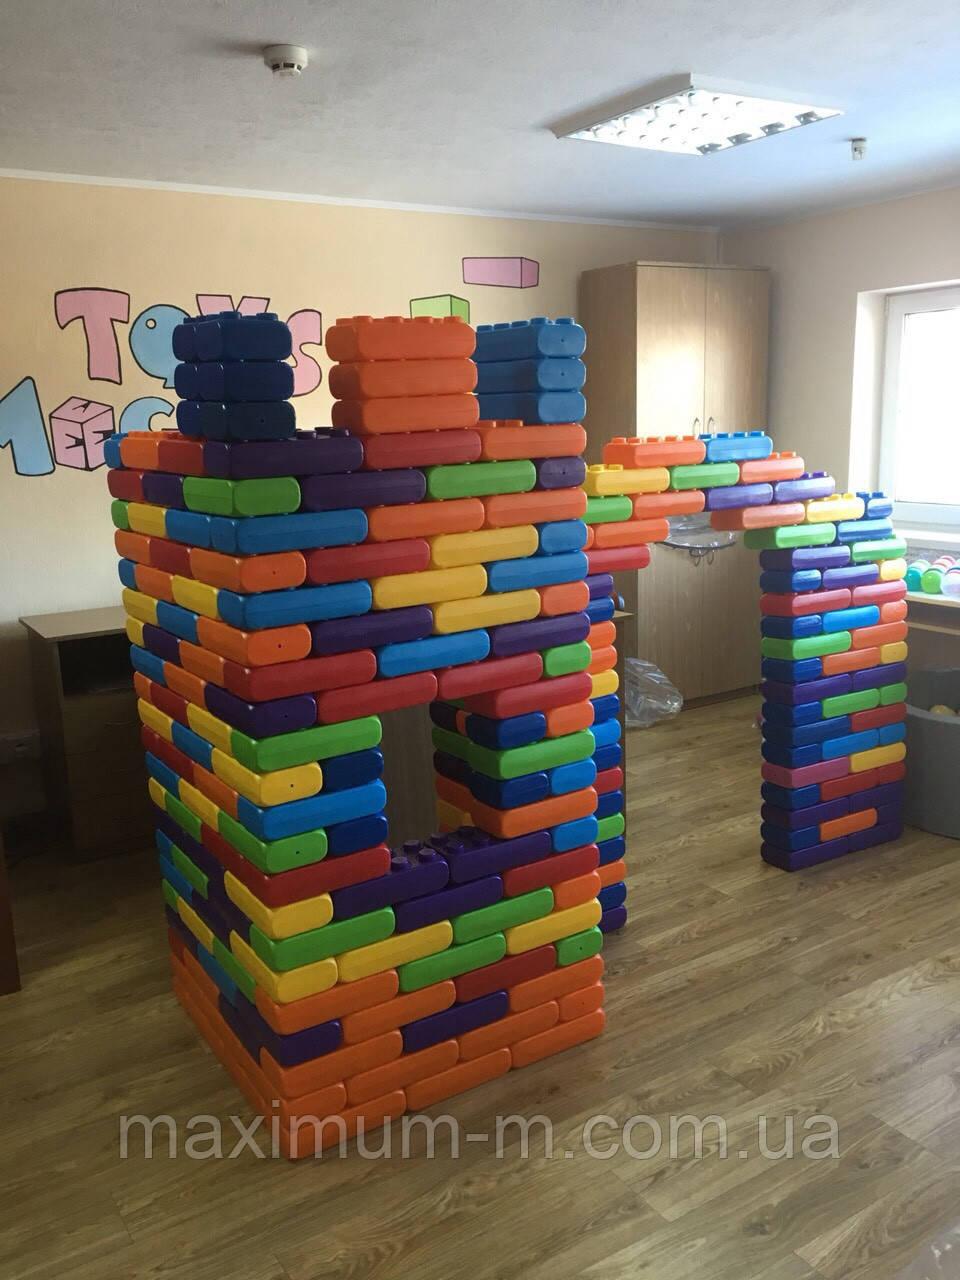 Конструктор для детей Замок. Пластиковый. Мега куб.